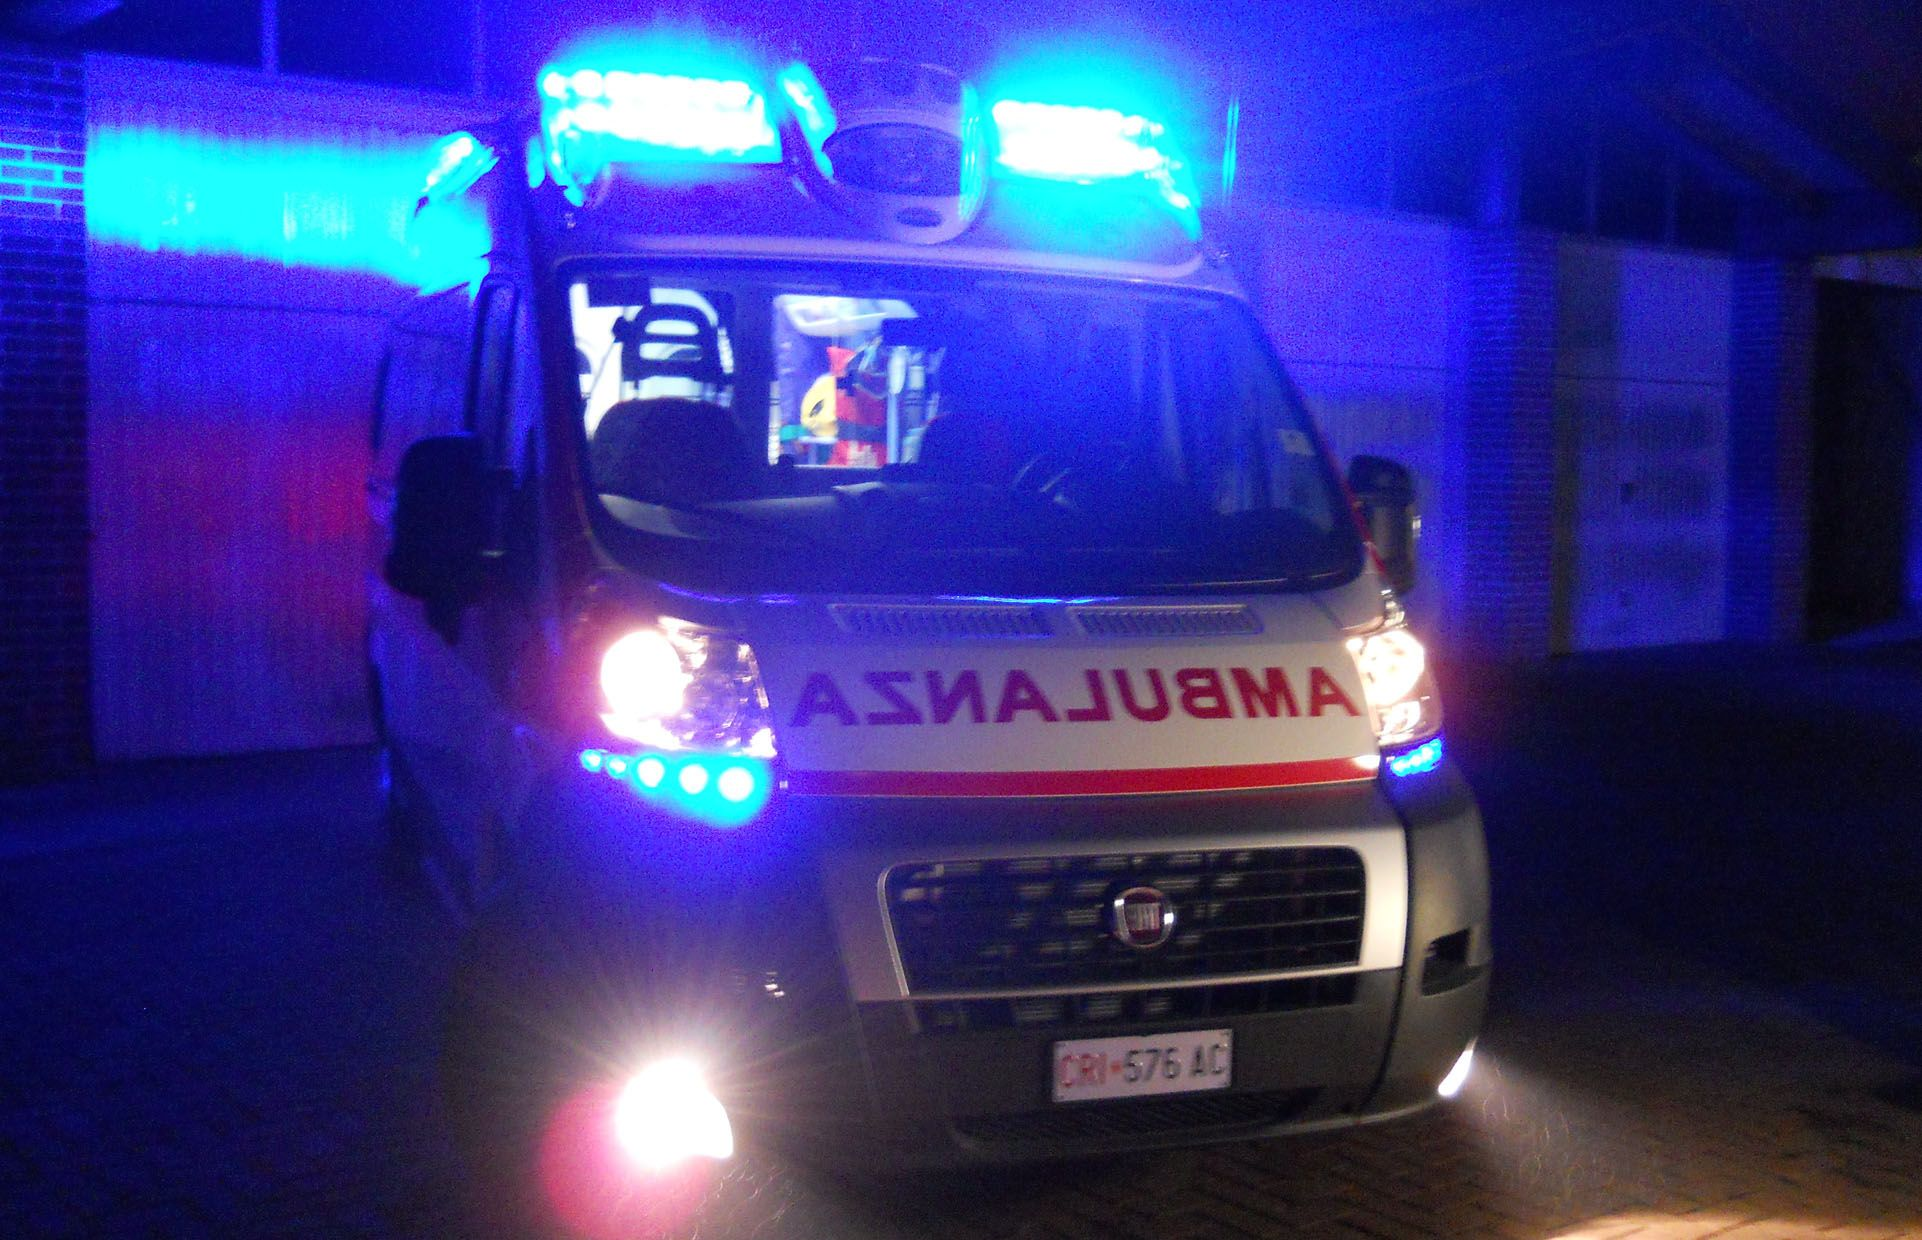 VOLPIANO - Dramma alla casa di riposo: pensionata cade dal balcone e muore in ospedale